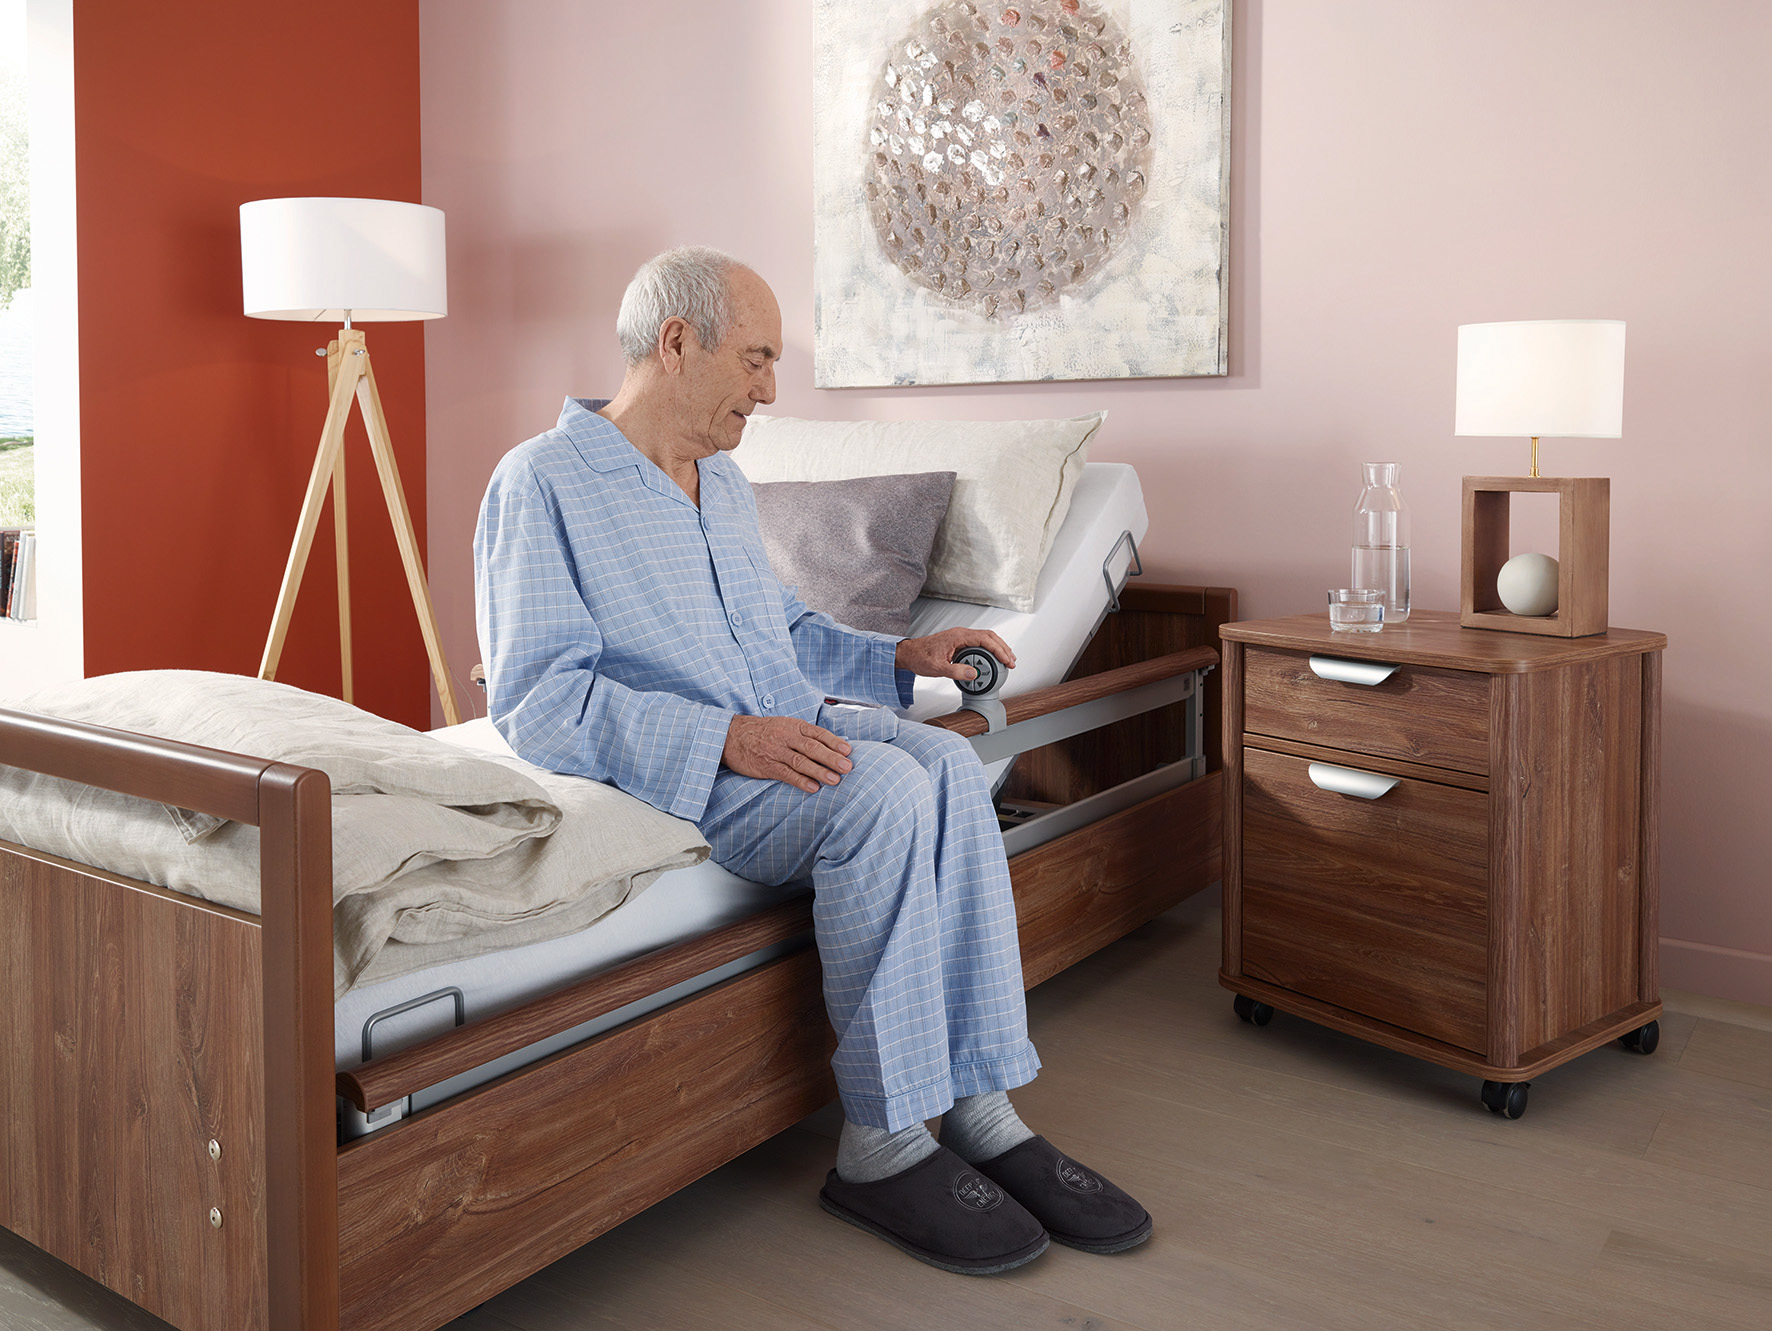 Ganz ohne Kabelgewirr: Pflegebetten mit neuem Bedienkonzept